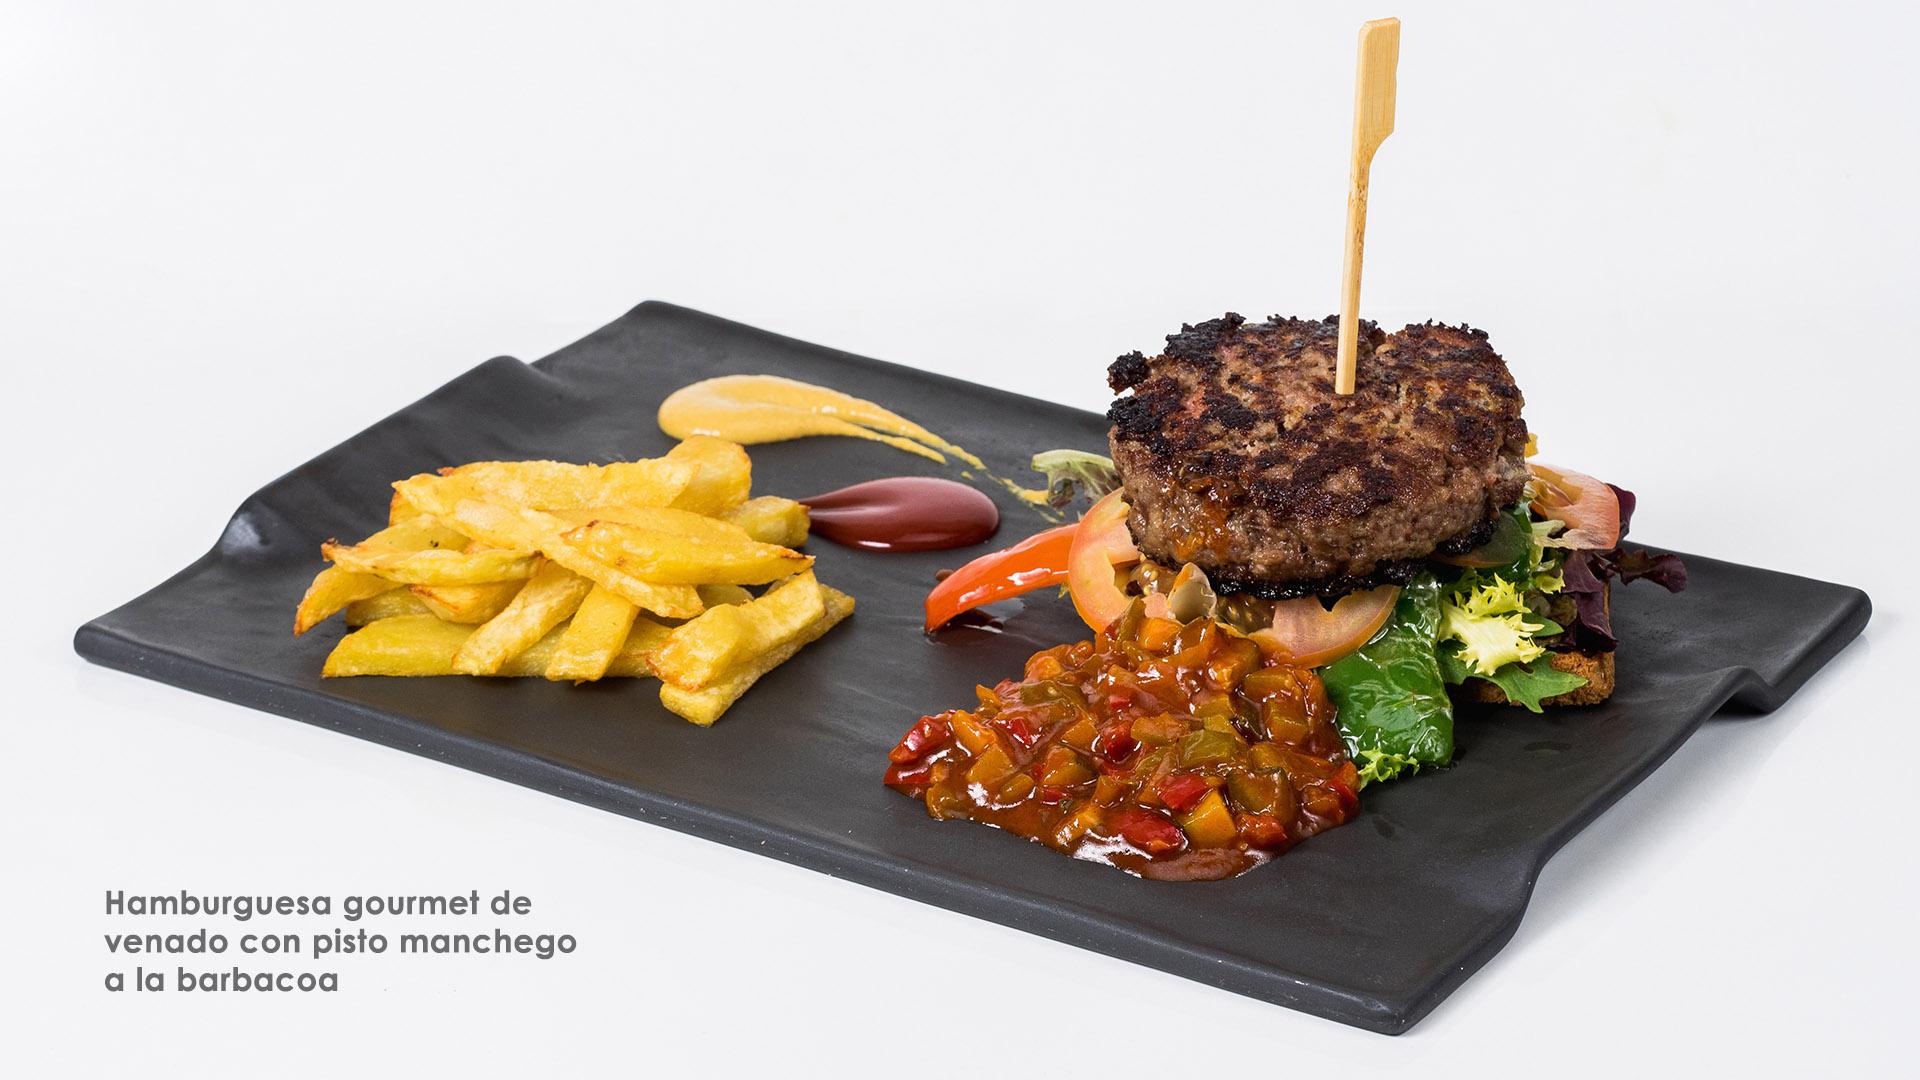 Hamburguesa gourmet de venado con pisto manchego a la barbacoa